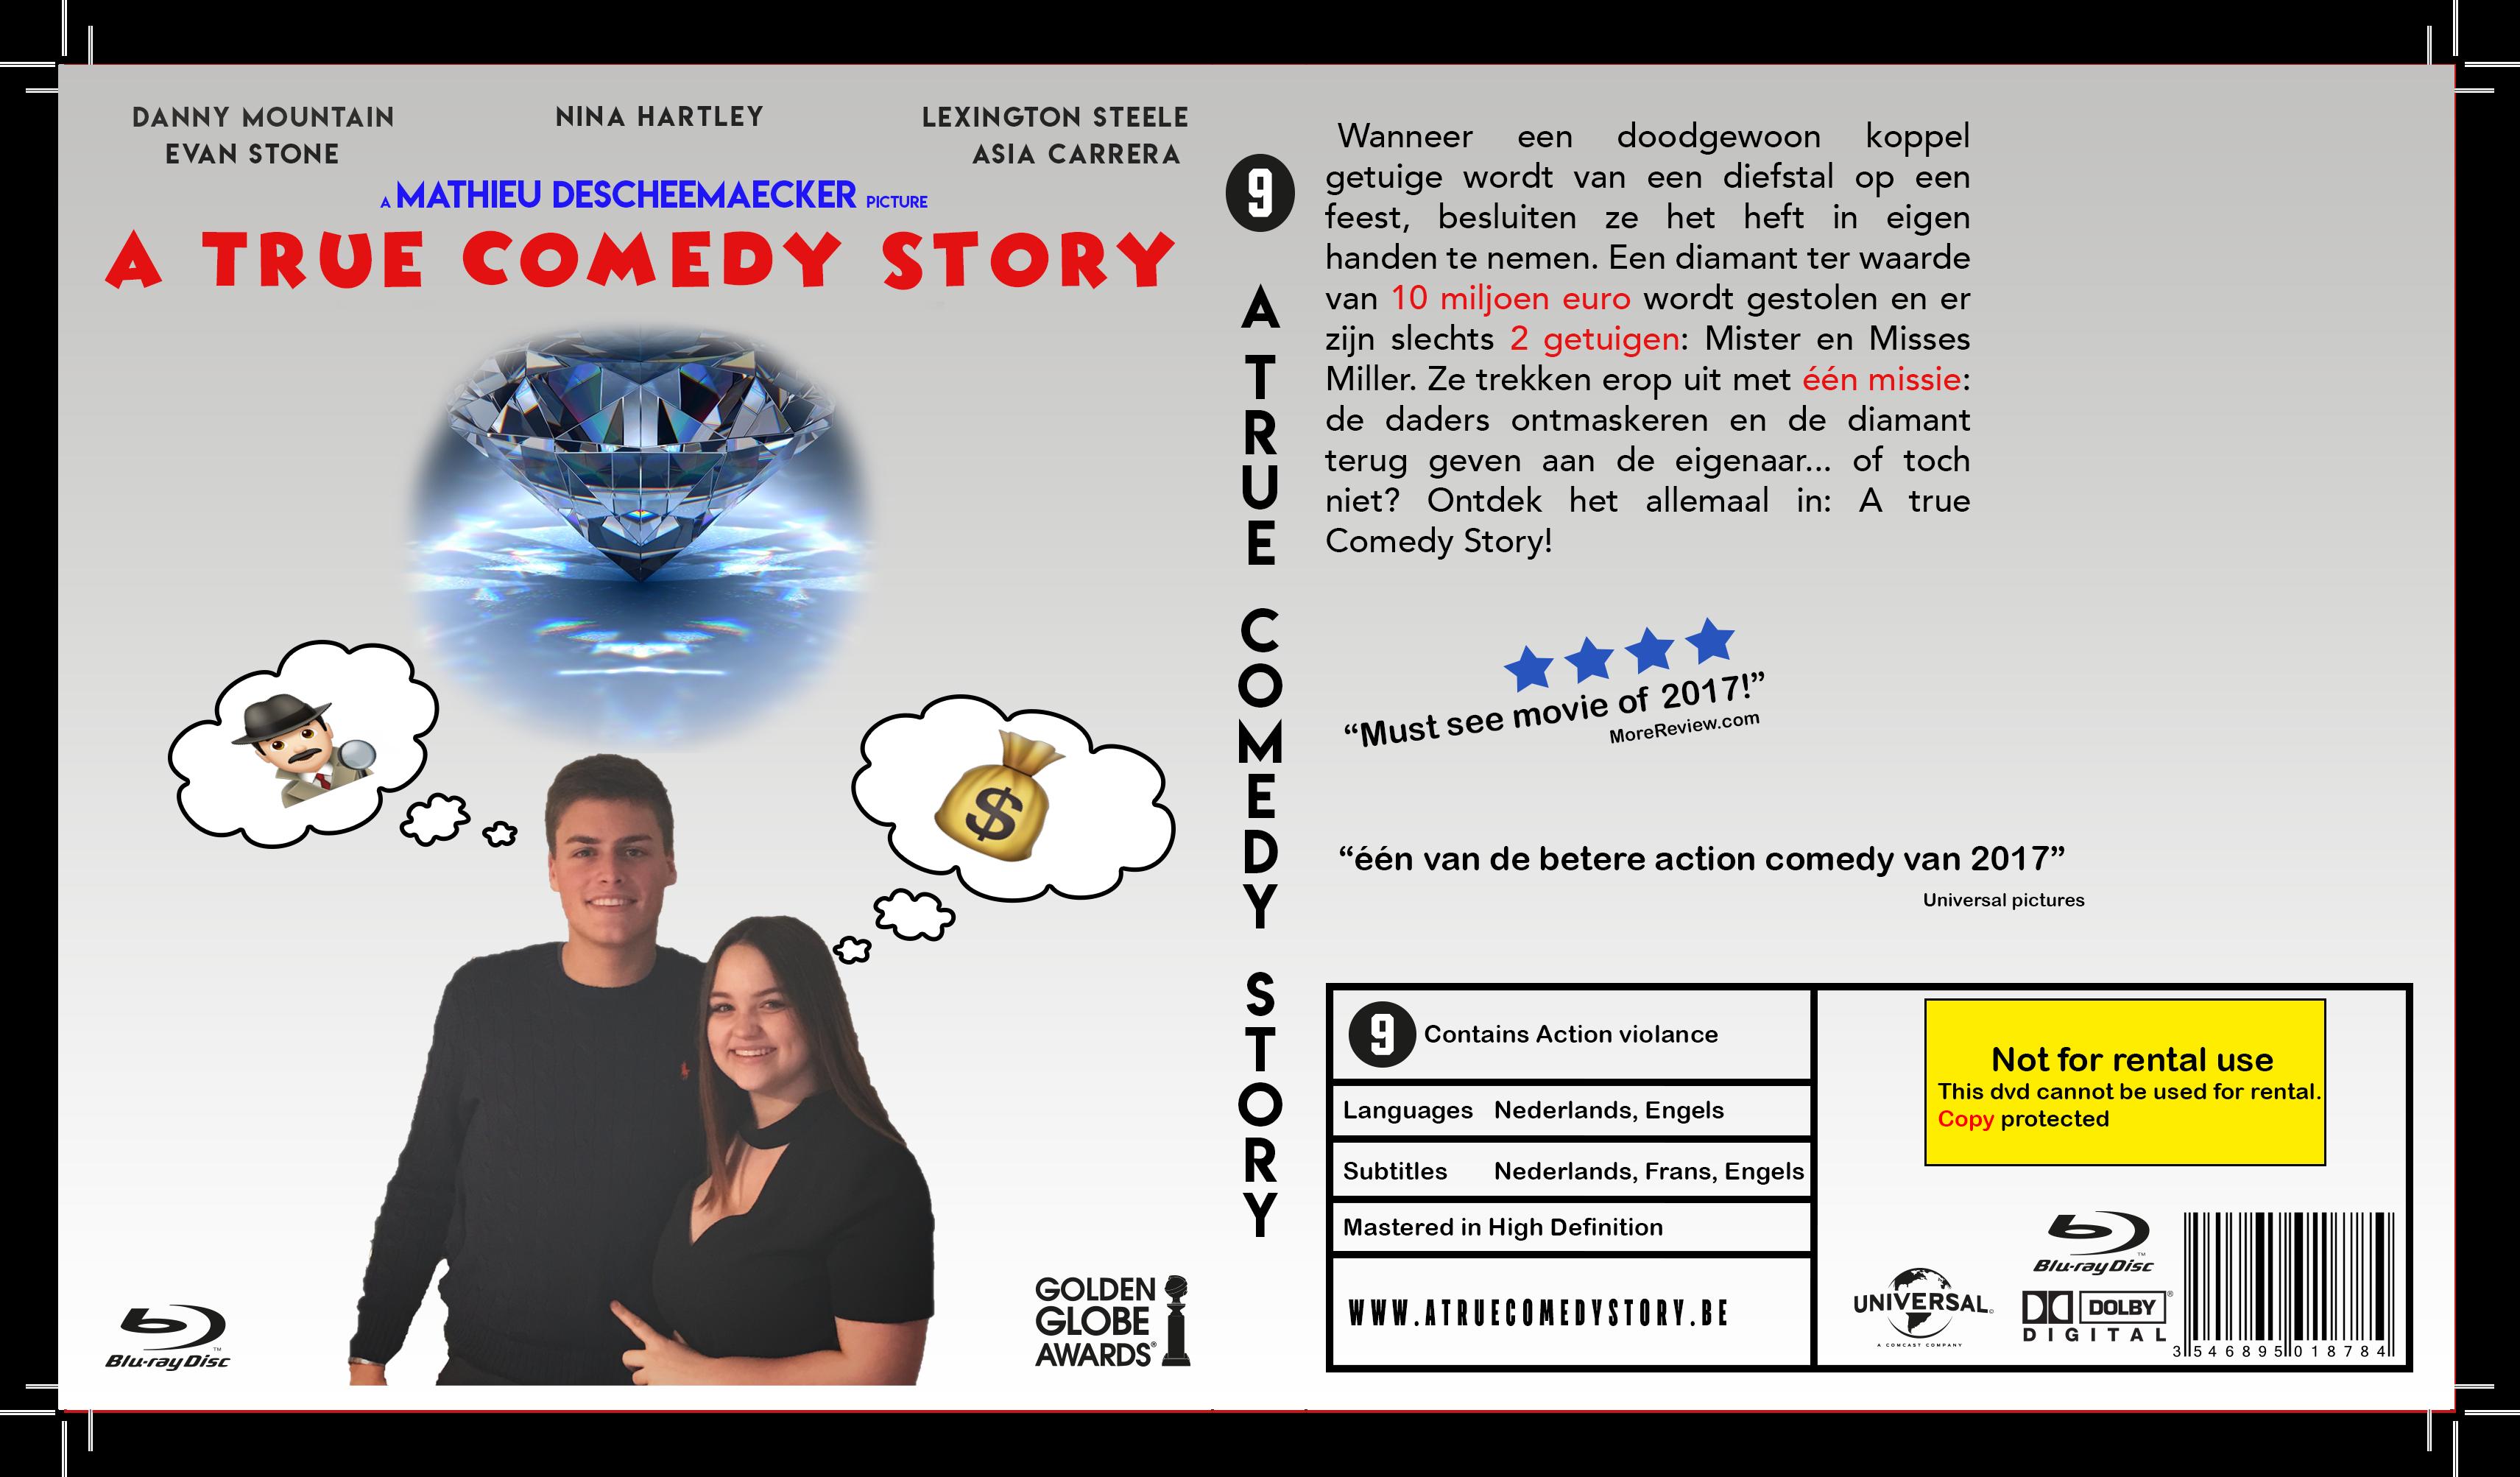 Blu Ray hoes Eind: Strak wit met de duidelijke kleuren blauw en rood en zwart dat is gebleken uit mijn vooronderzoek. Het font is ook strak maar toch comedy gericht. Enkel nog één afbeelding toe te voegen rechtsbovenaan.